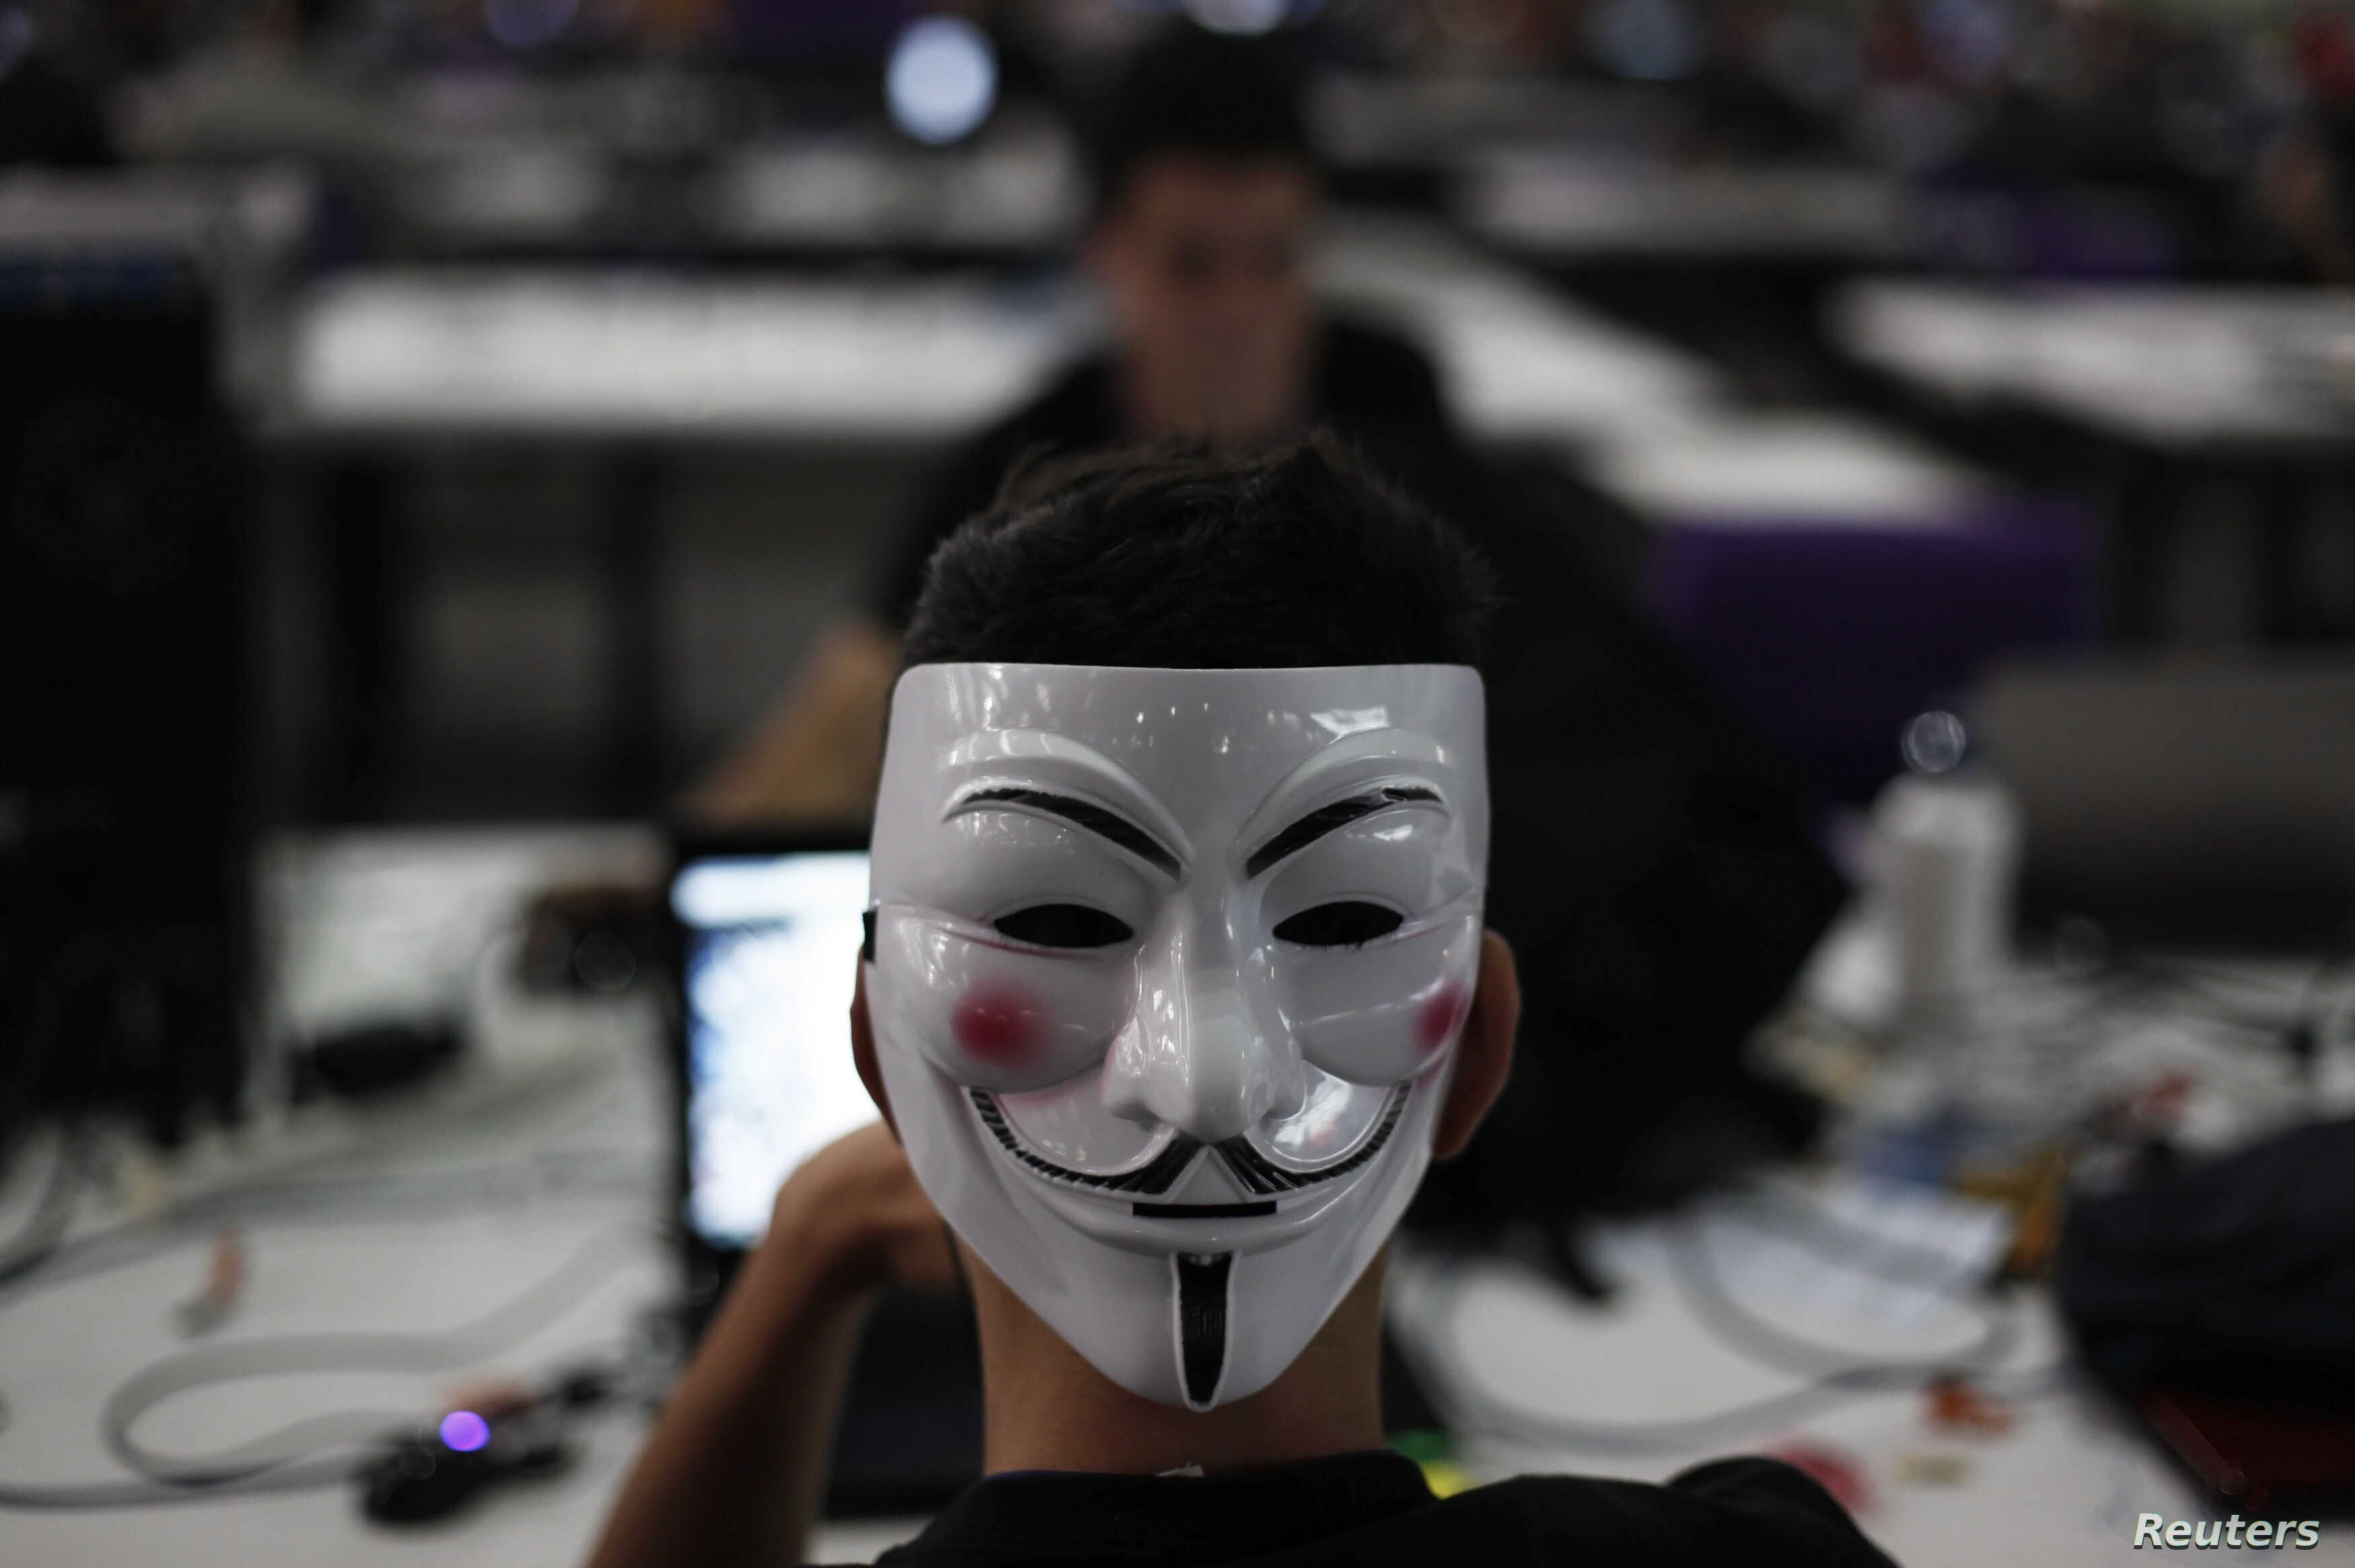 Хакеры из Anonymous запустили криптовалюту для борьбы с Илоном Маском и запретом на майнинг в Китае